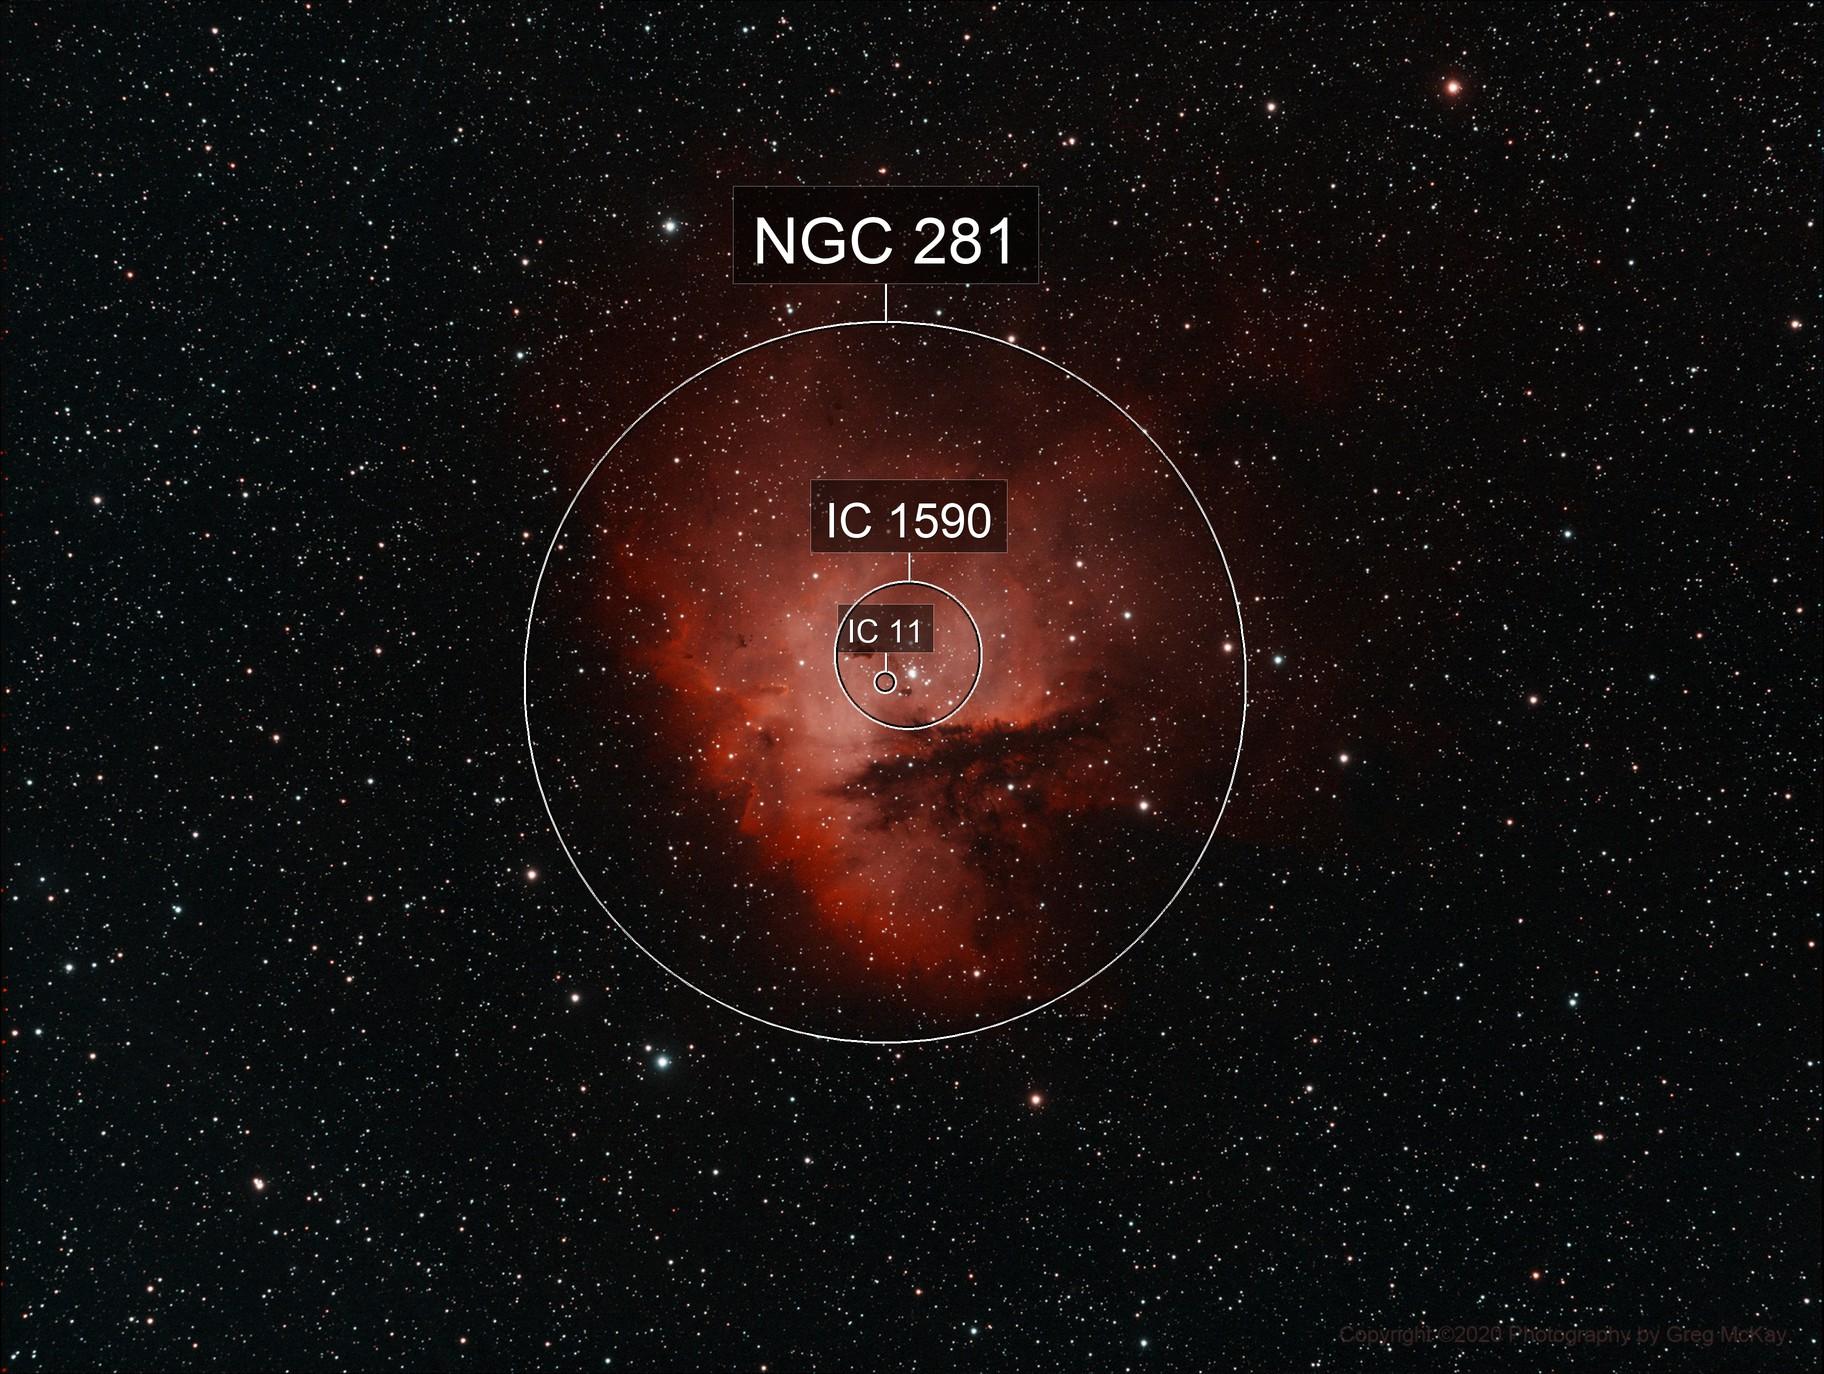 NGC 281 The Pacman Nebula